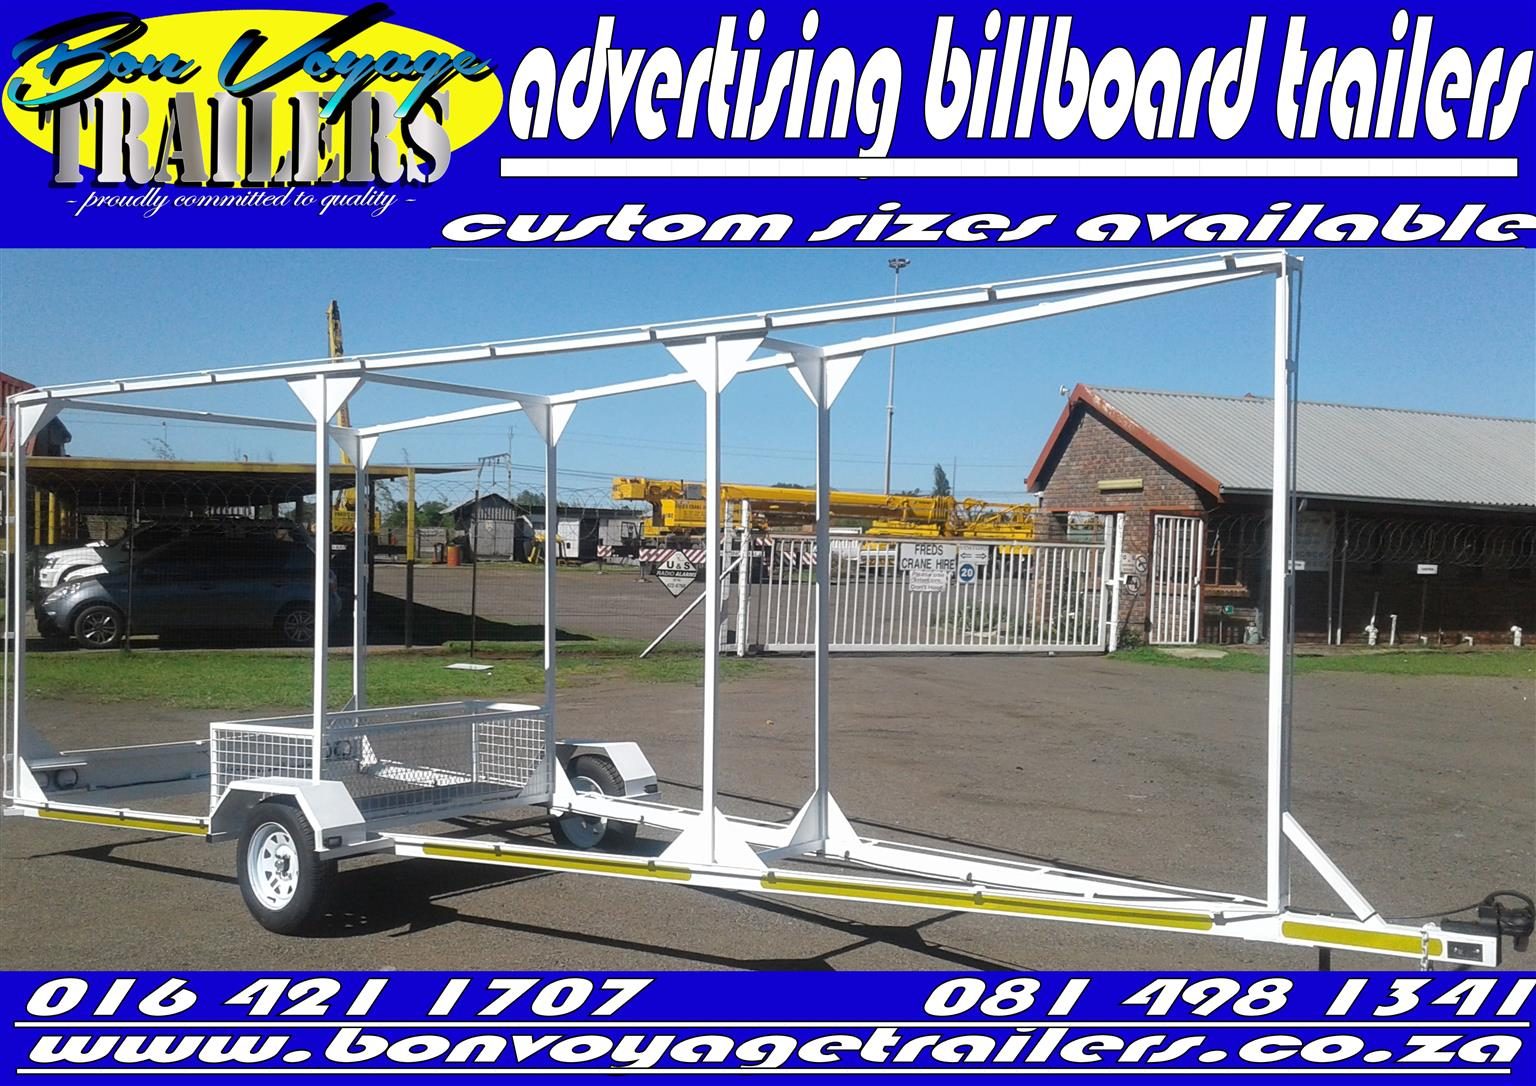 billboard advertising trailers